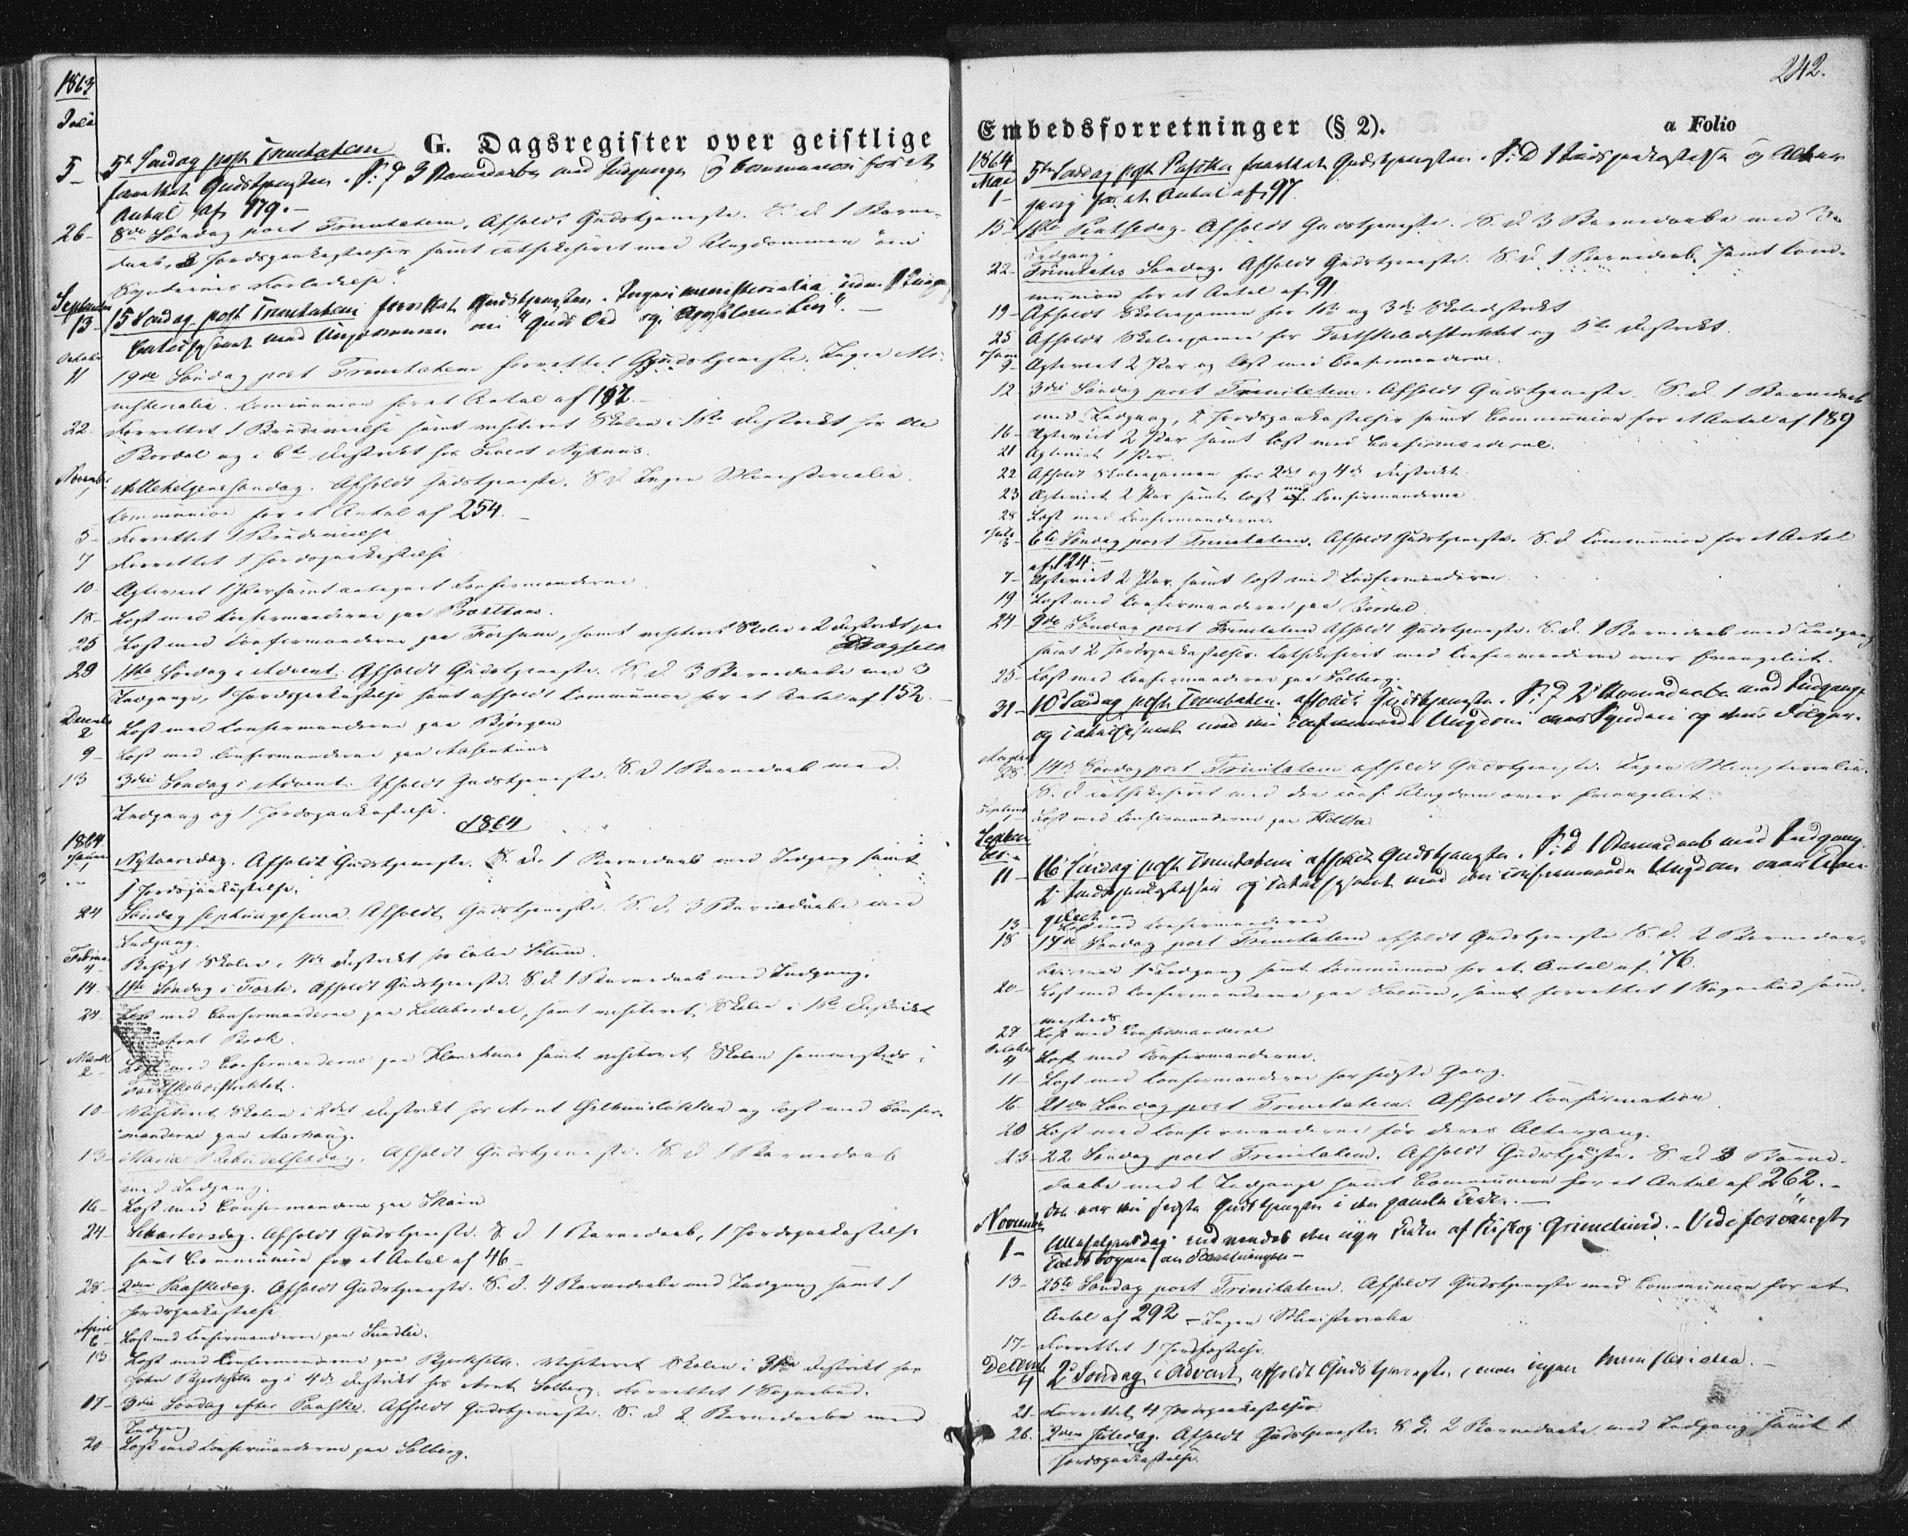 SAT, Ministerialprotokoller, klokkerbøker og fødselsregistre - Sør-Trøndelag, 689/L1038: Ministerialbok nr. 689A03, 1848-1872, s. 242